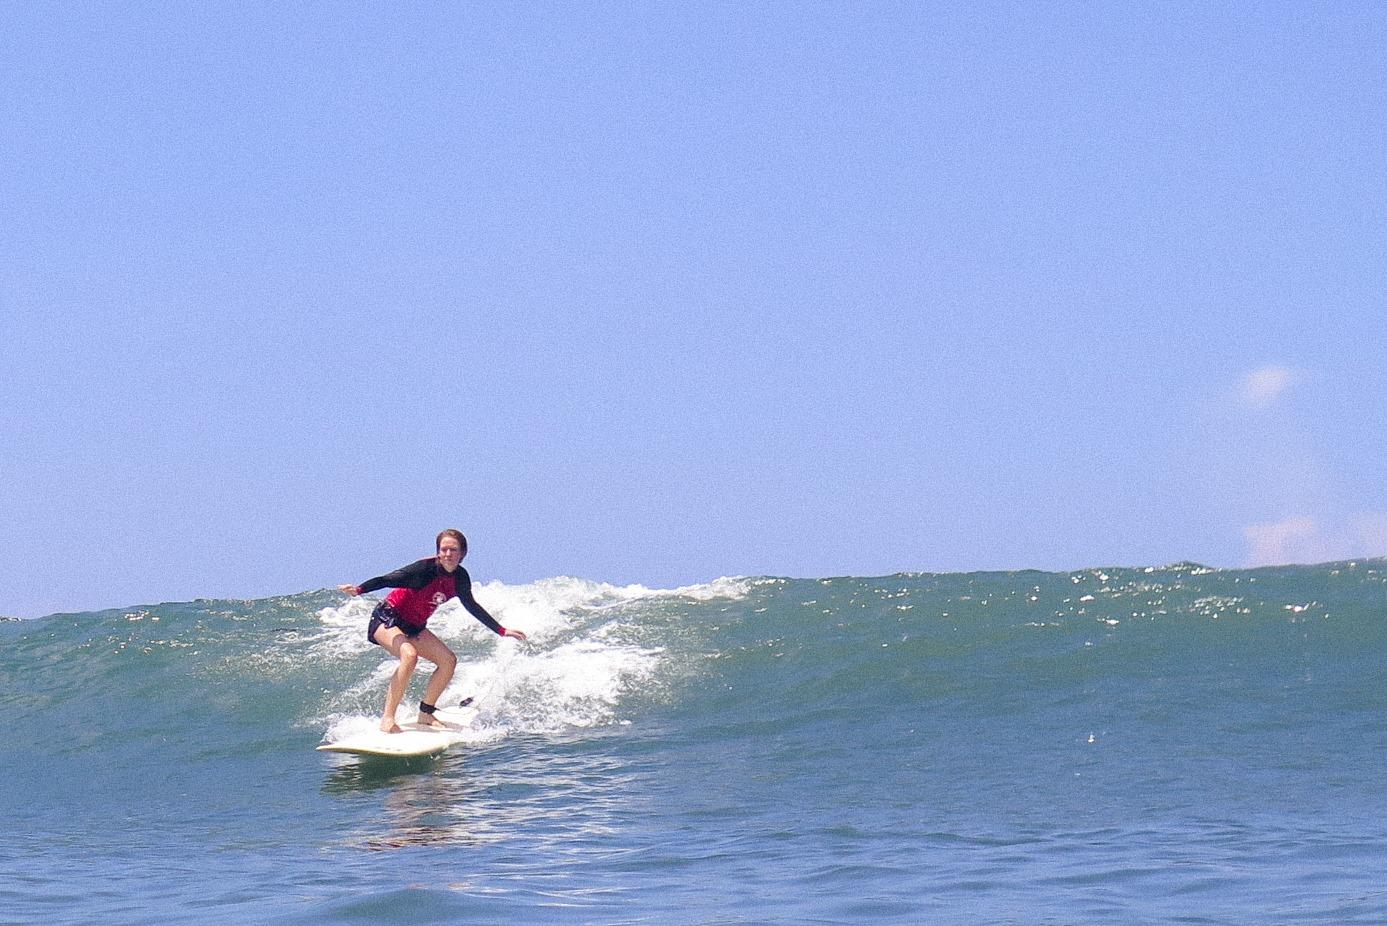 Katherine Plunkett catching a wave on the Serene Yoga Retreat in Canggu, Bali.